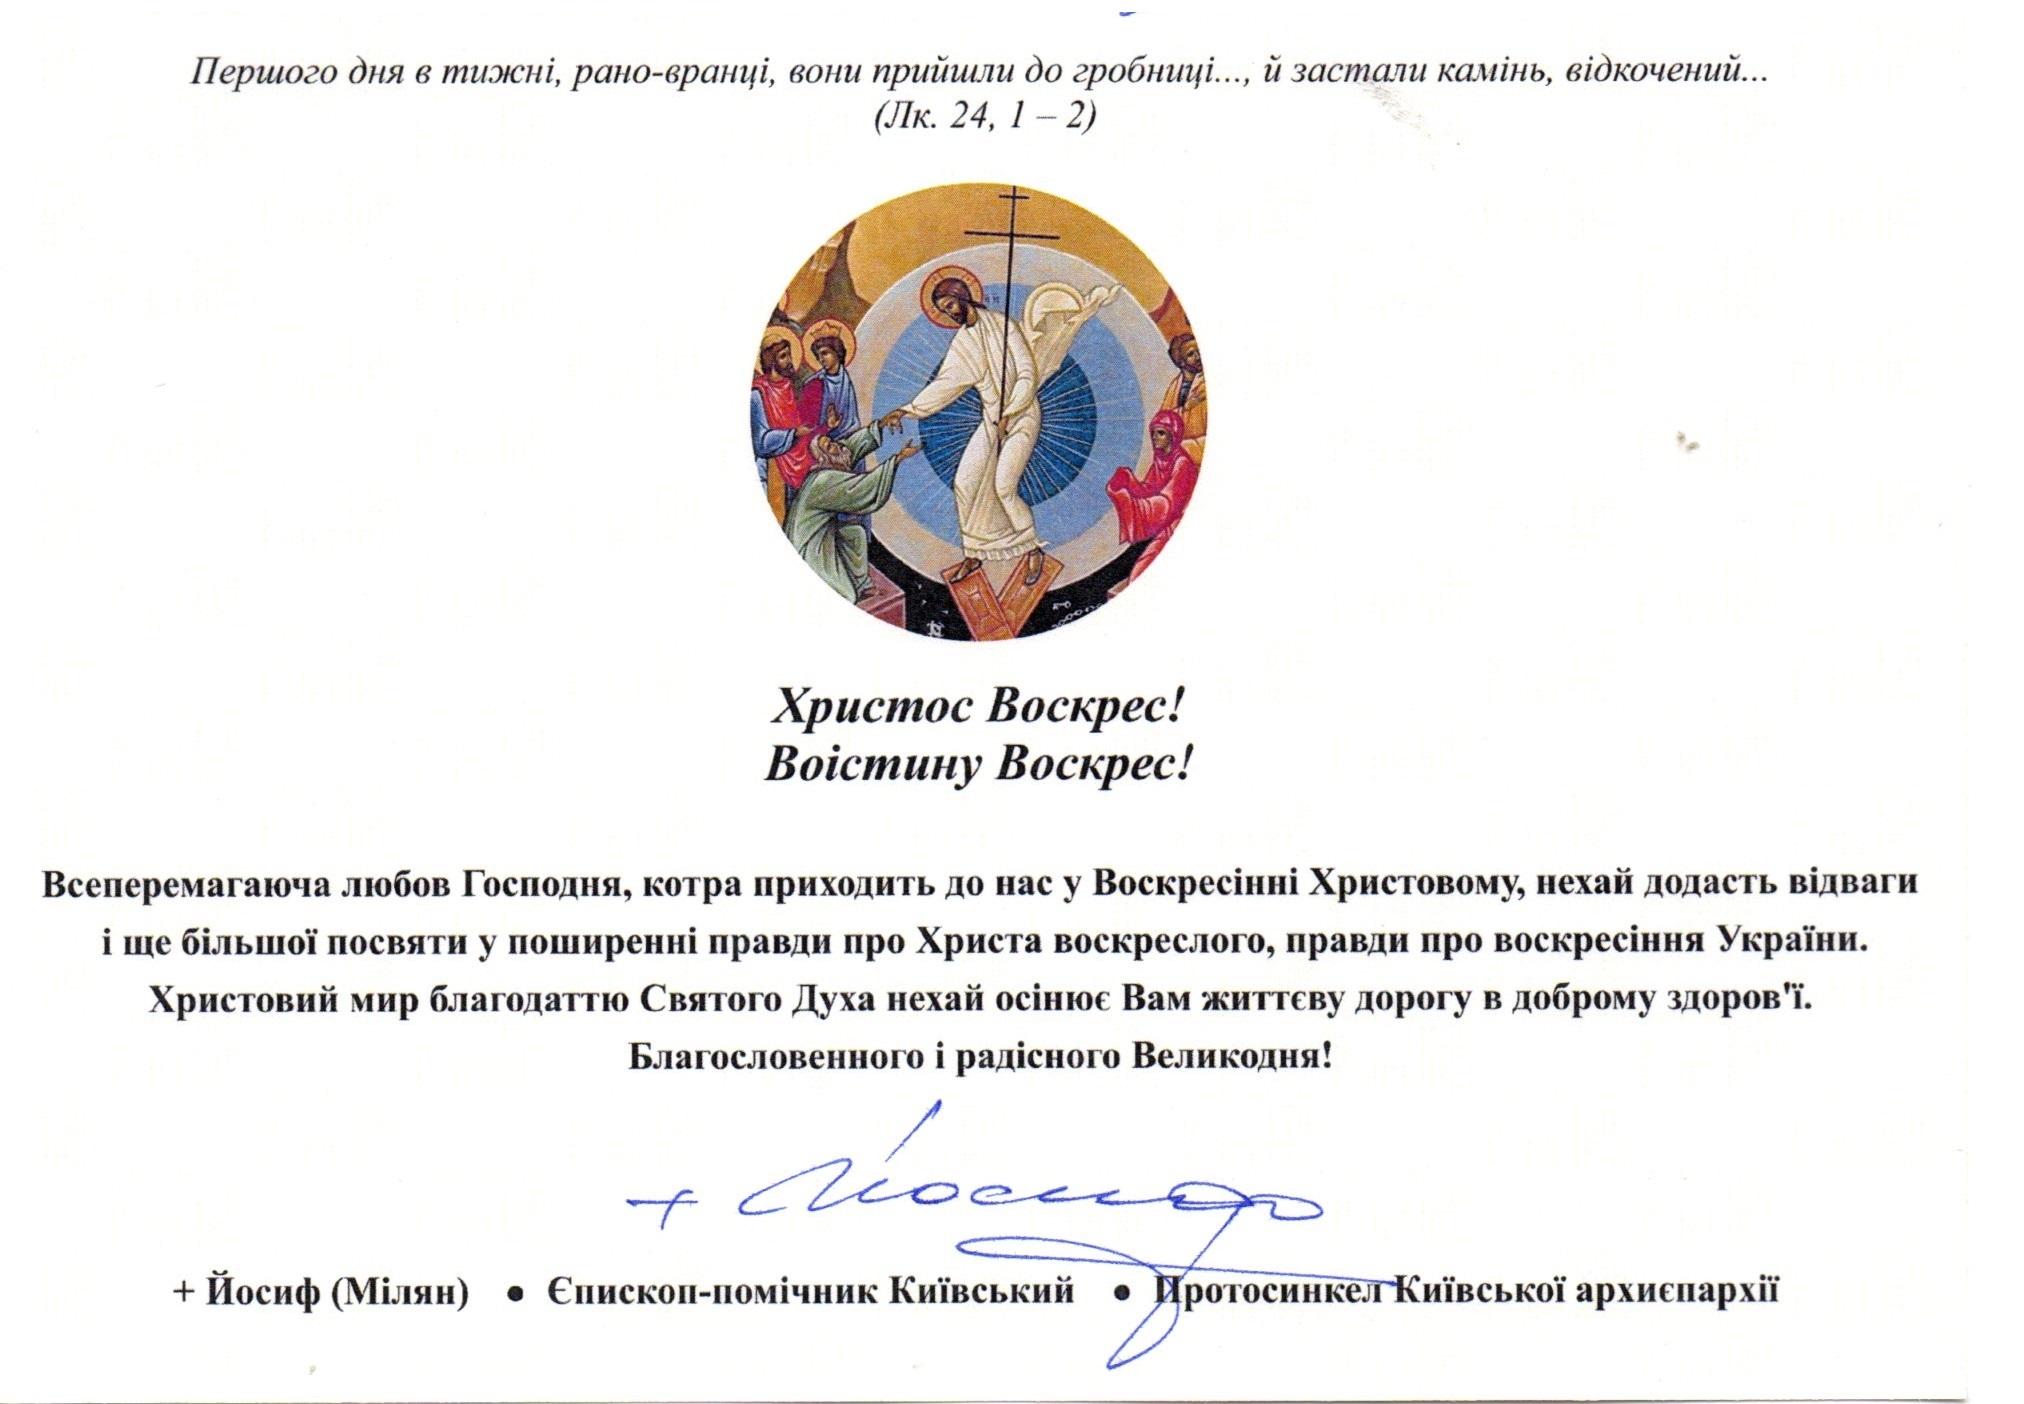 Великоднє вітання владики Йосифа